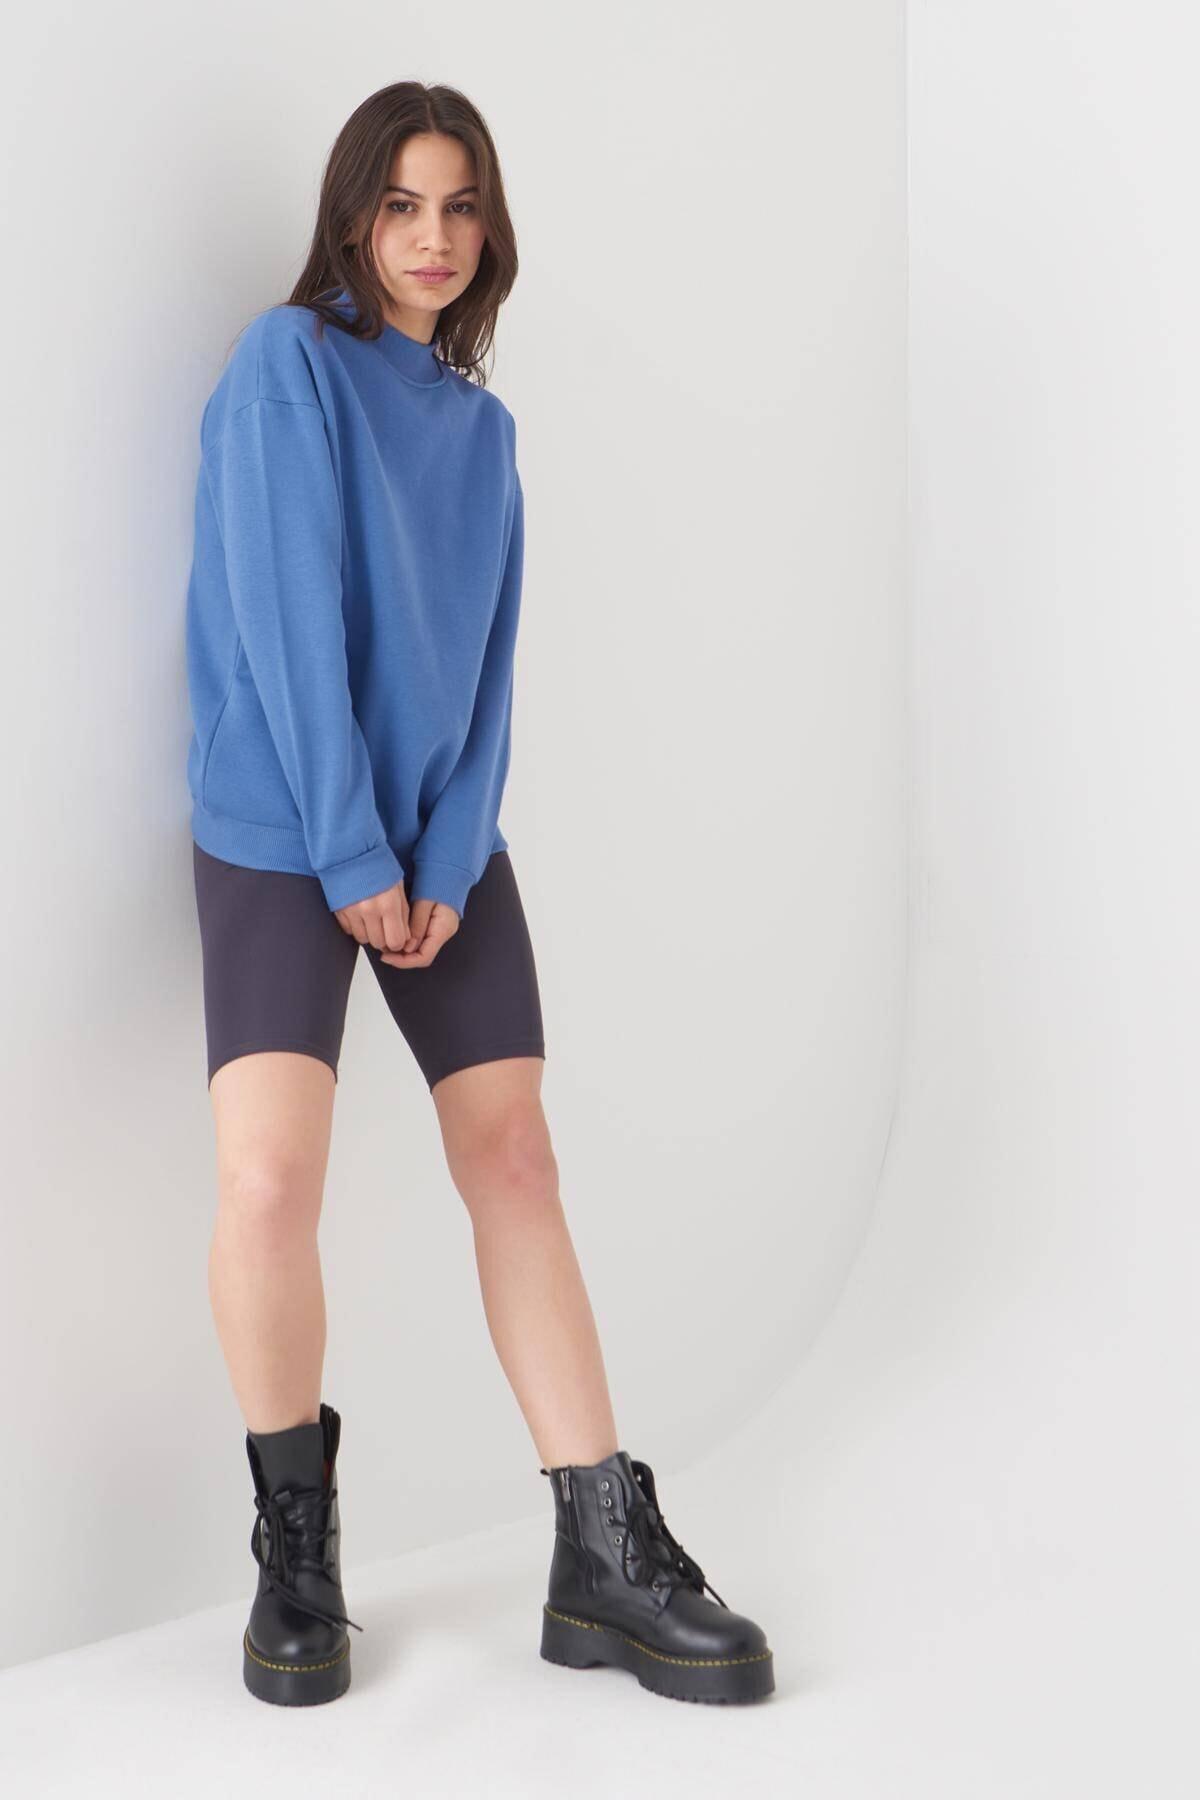 Addax Kadın Mavi Yarım Balıkçı Yaka Sweatshirt S8606 - B4 - B5 ADX-0000019754 1